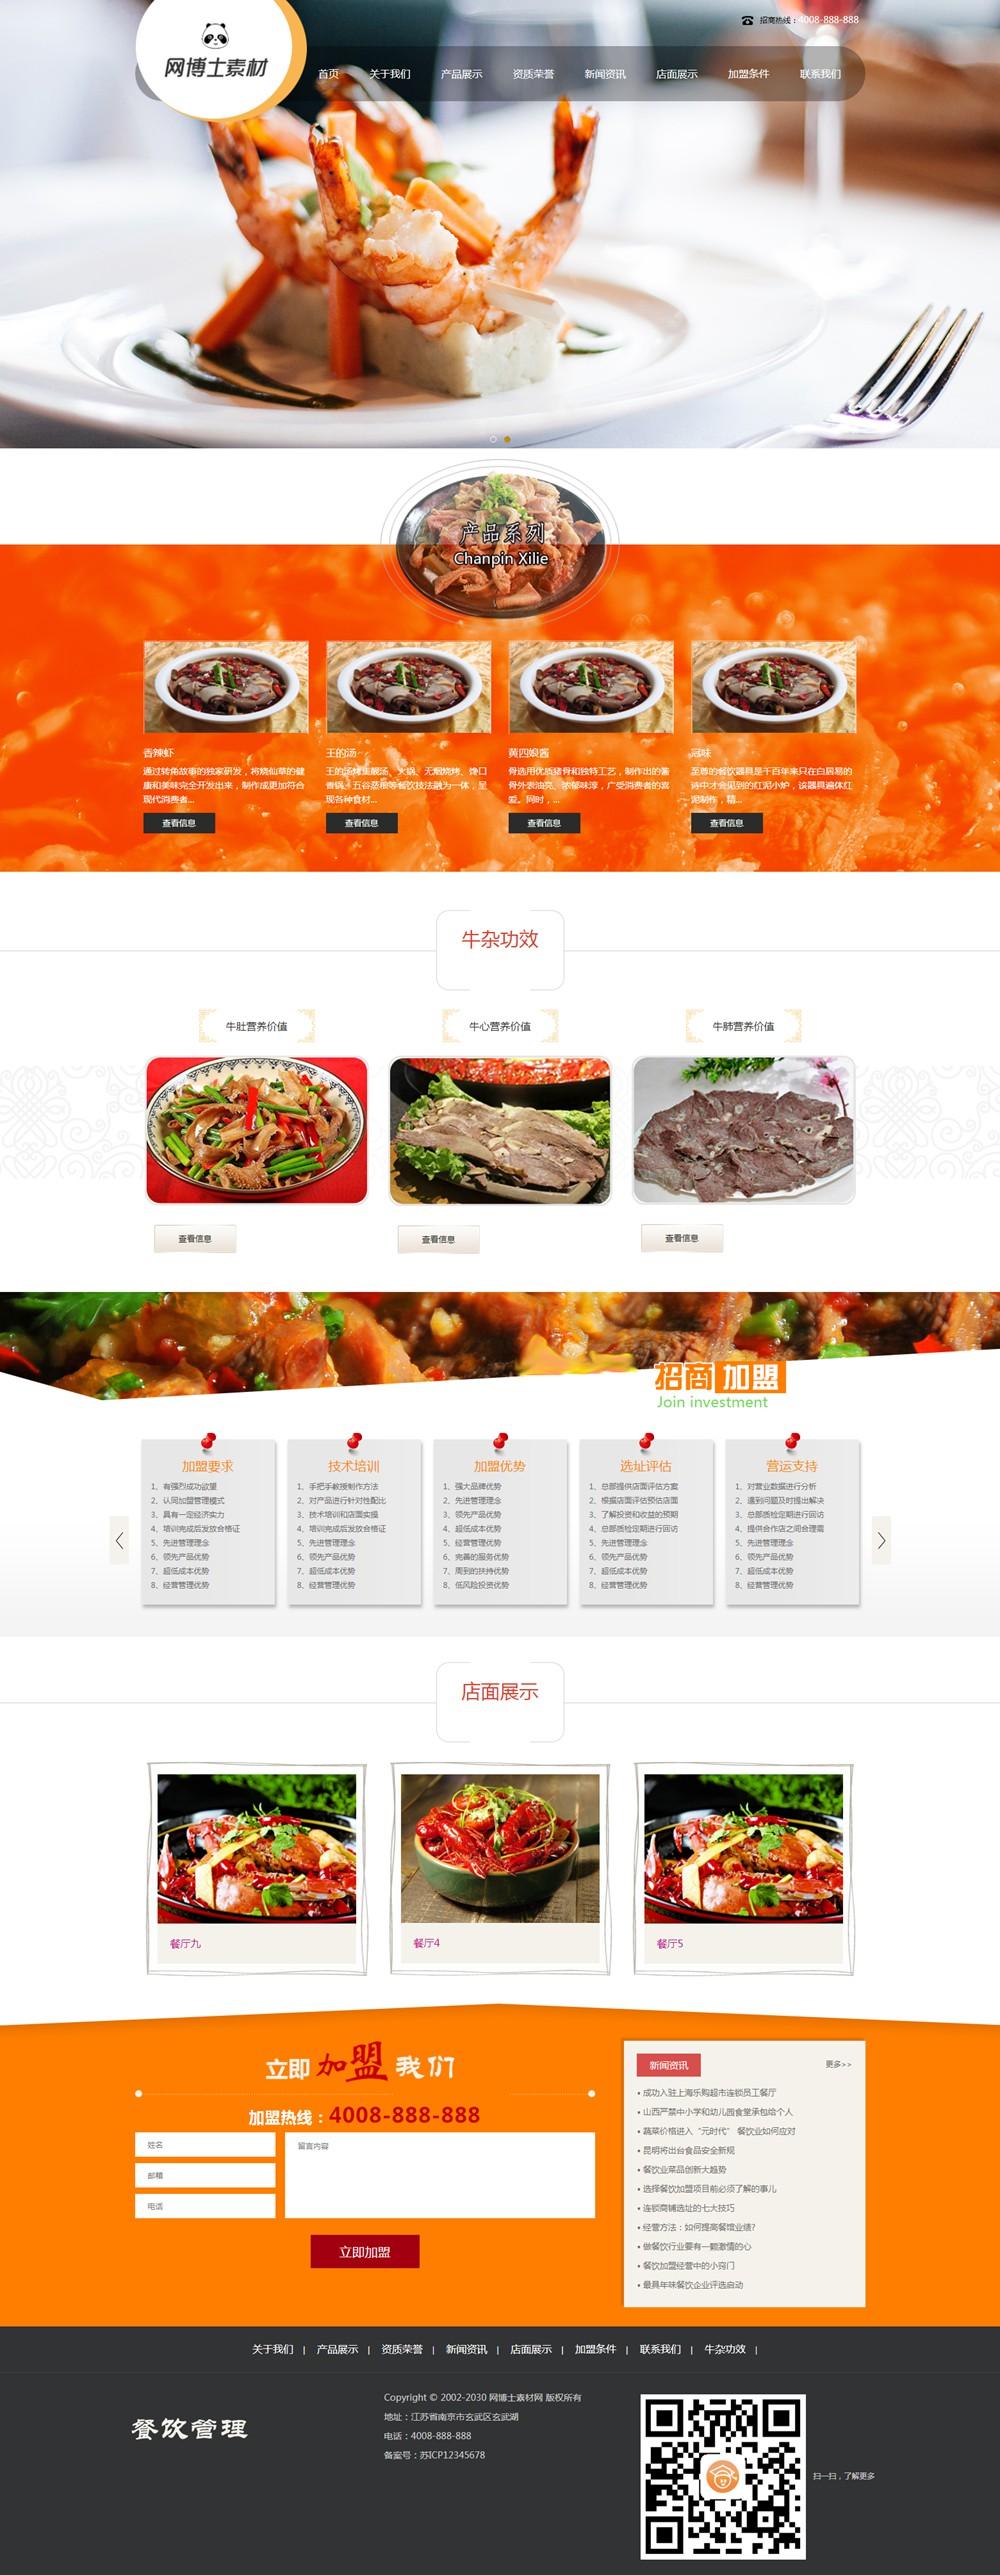 (带手机版数据同步)响应式餐饮牛杂小吃类网站织梦模板 小吃加盟培训类网站模版源码